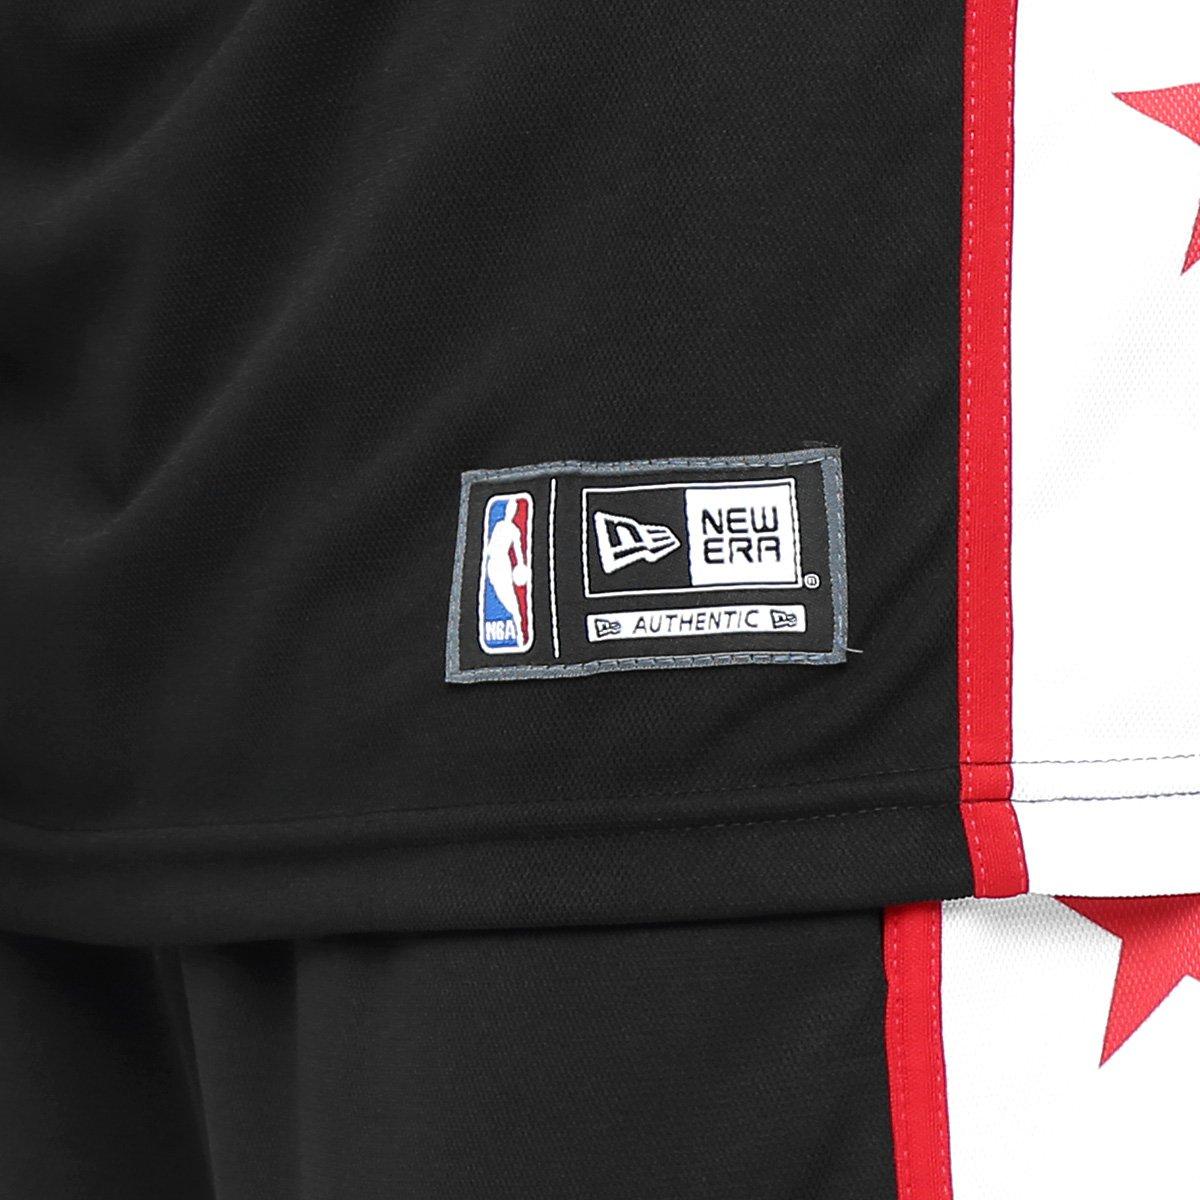 Camiseta Regata New Era NBA Five Stars Chicago Bulls - Compre Agora ... 8933deaaf74